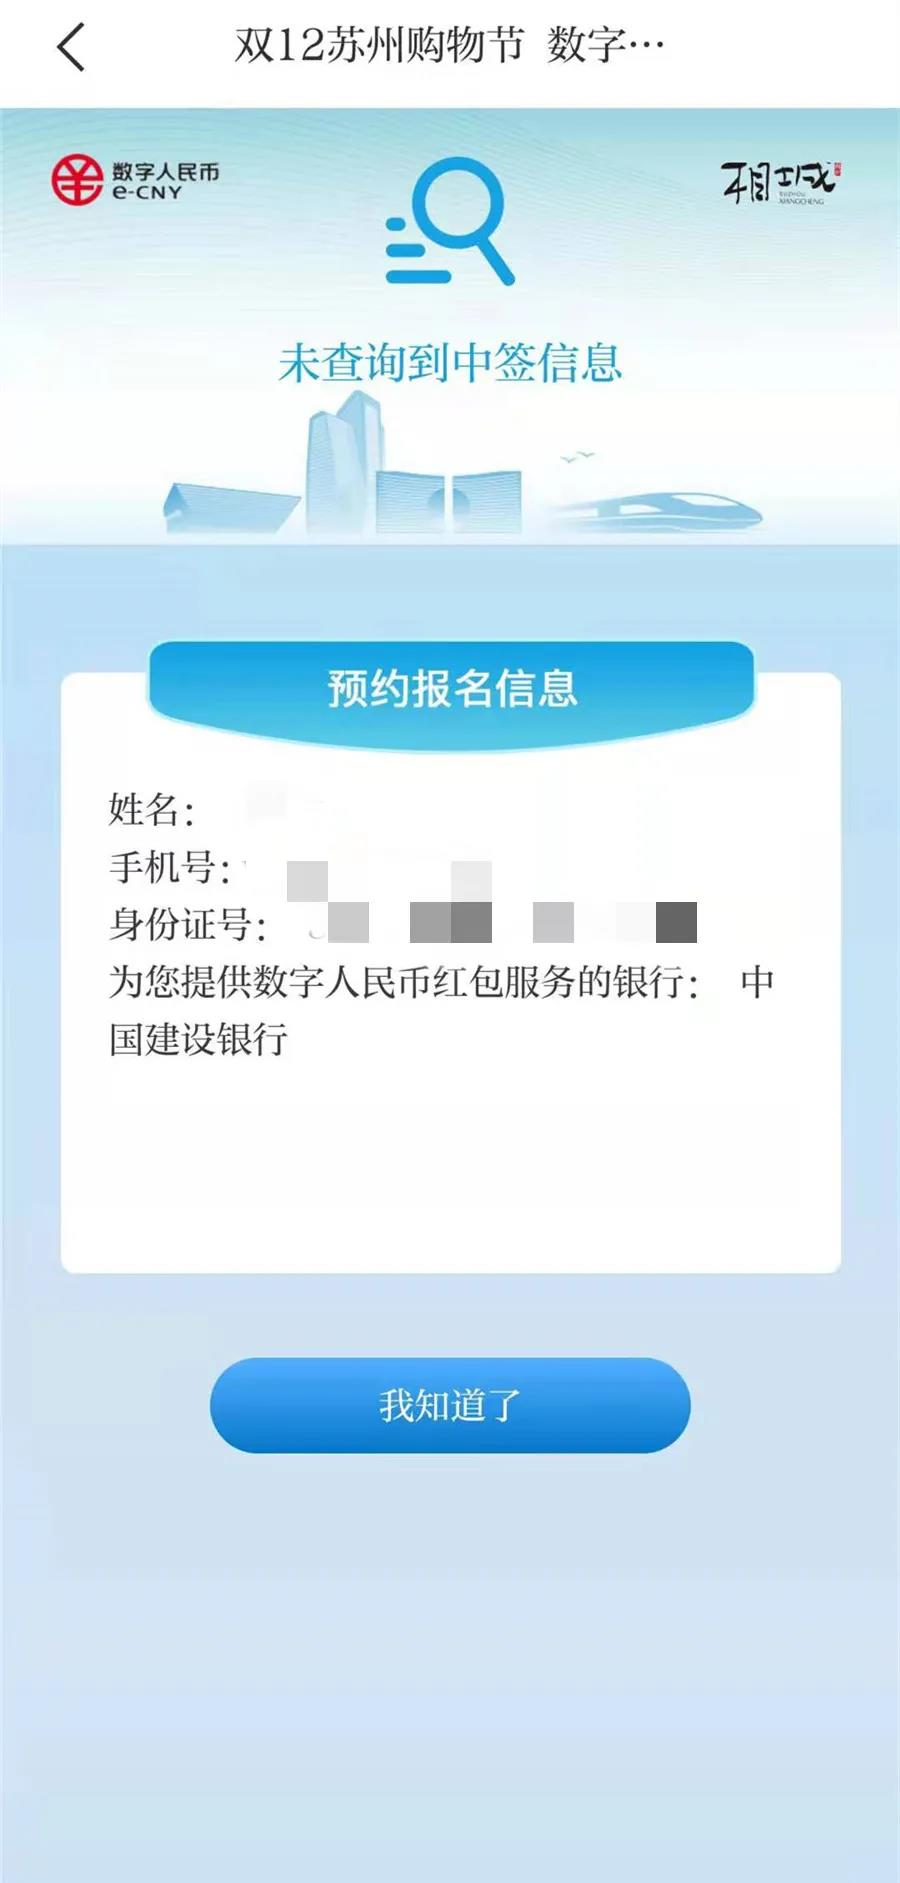 苏州10万个数字人民币红包已到账 将于今晚20时生效,外汇市场即日交易